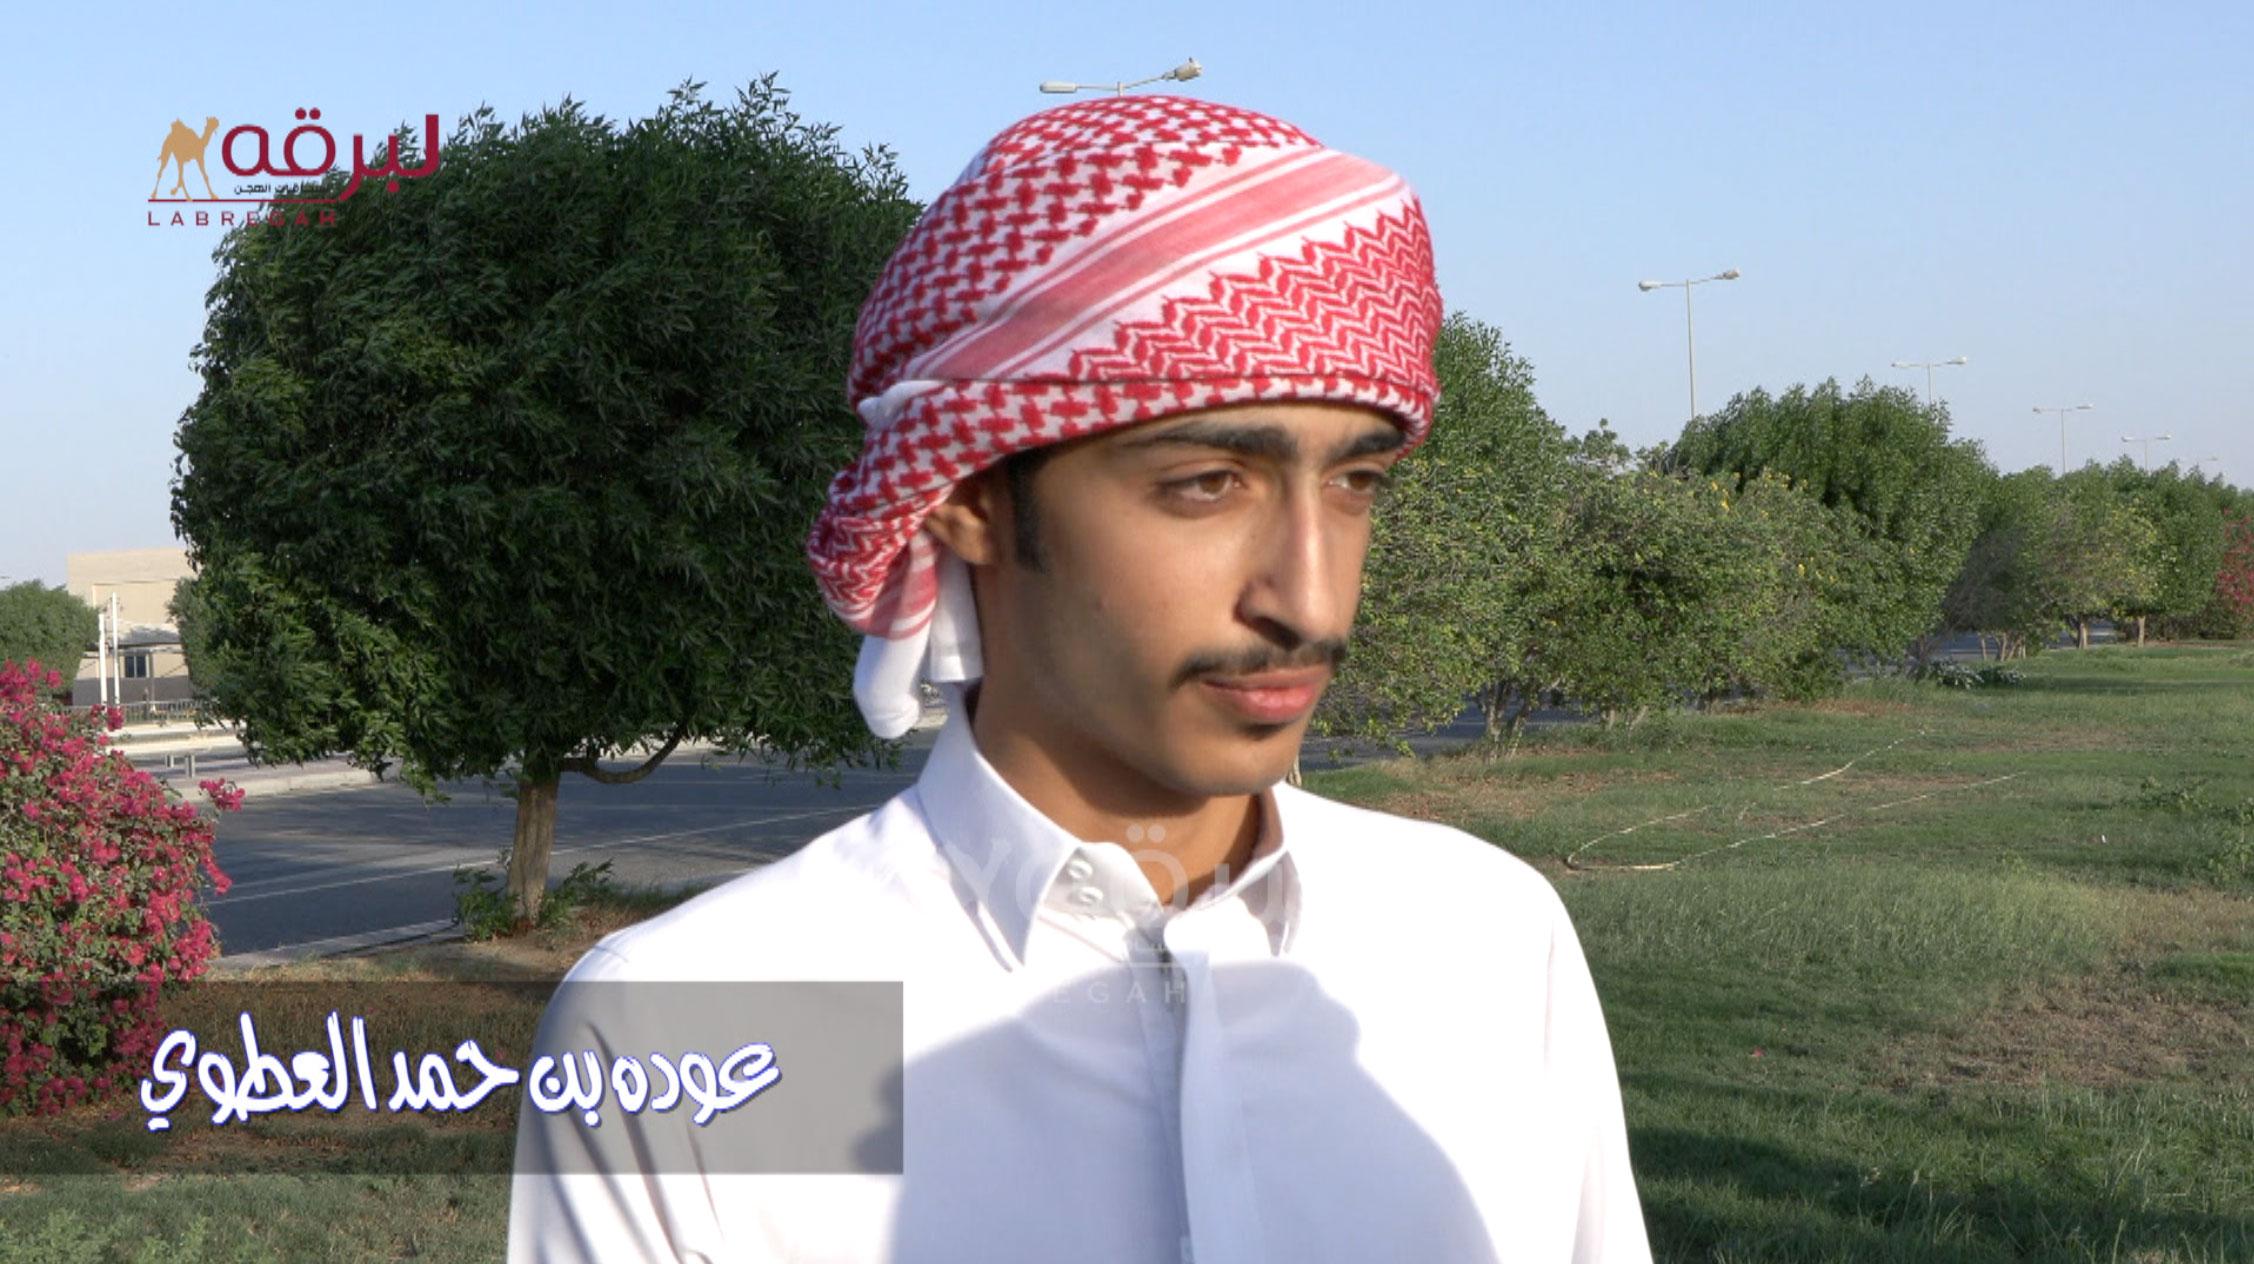 لقاء مع عوده بن حمد العطوي.. الشوط الرئيسي للحقايق بكار (إنتاج) الأشواط العامة  ٢١-١٠-٢٠٢١